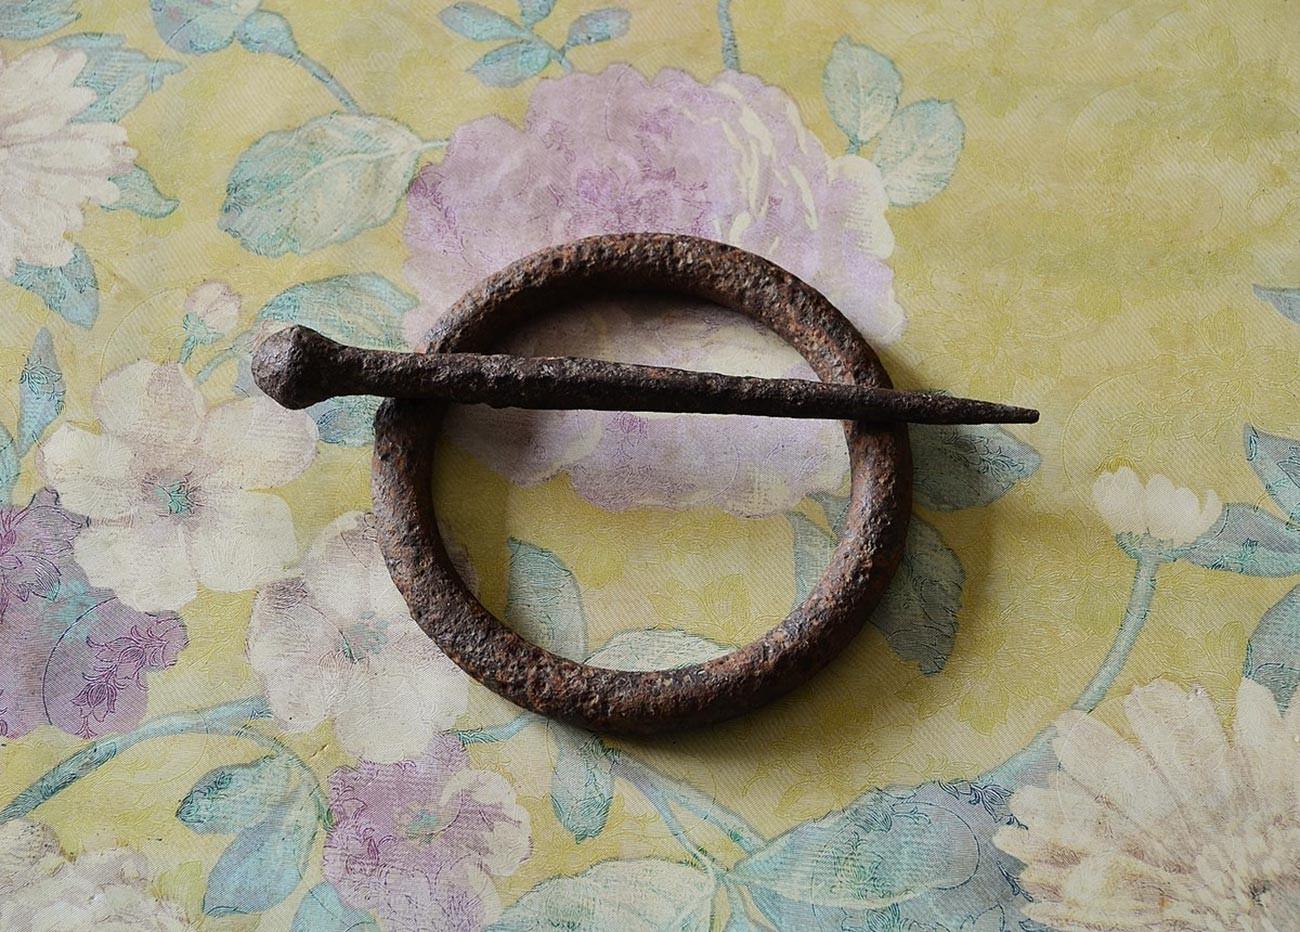 スヴァイカ(金属棒)と輪